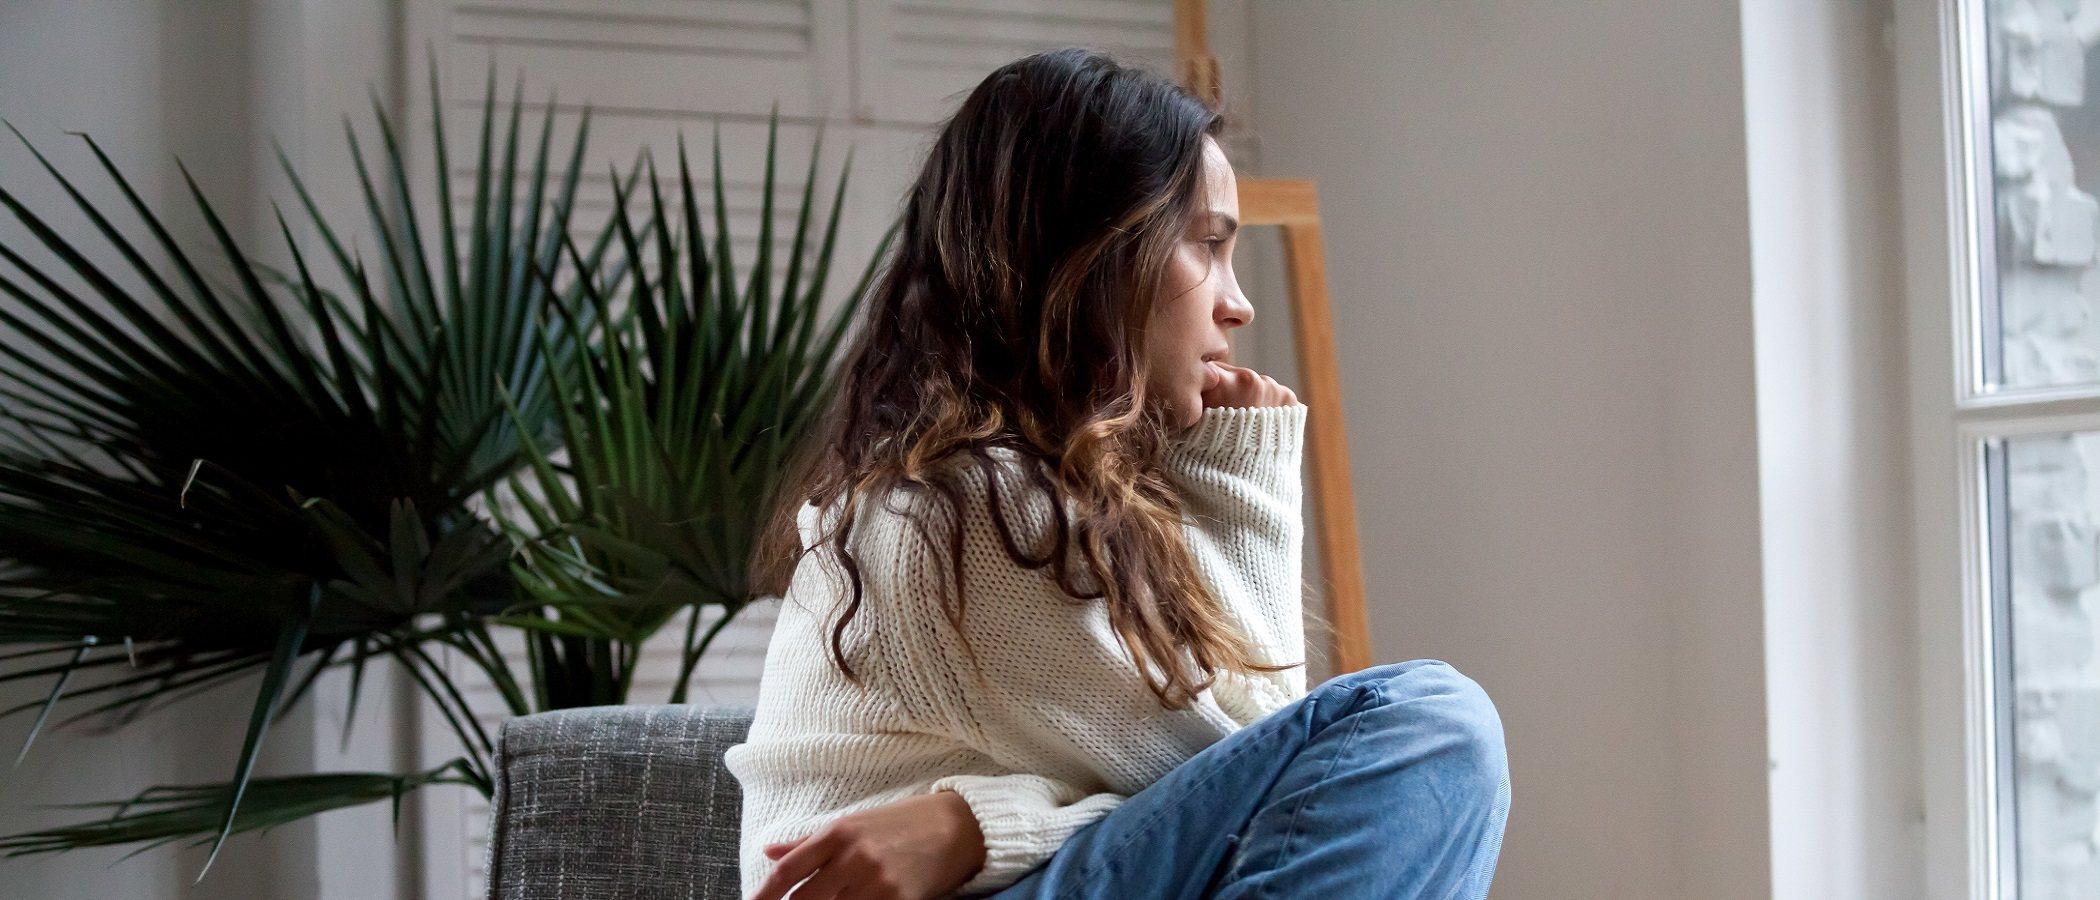 La soledad en los adolescentes